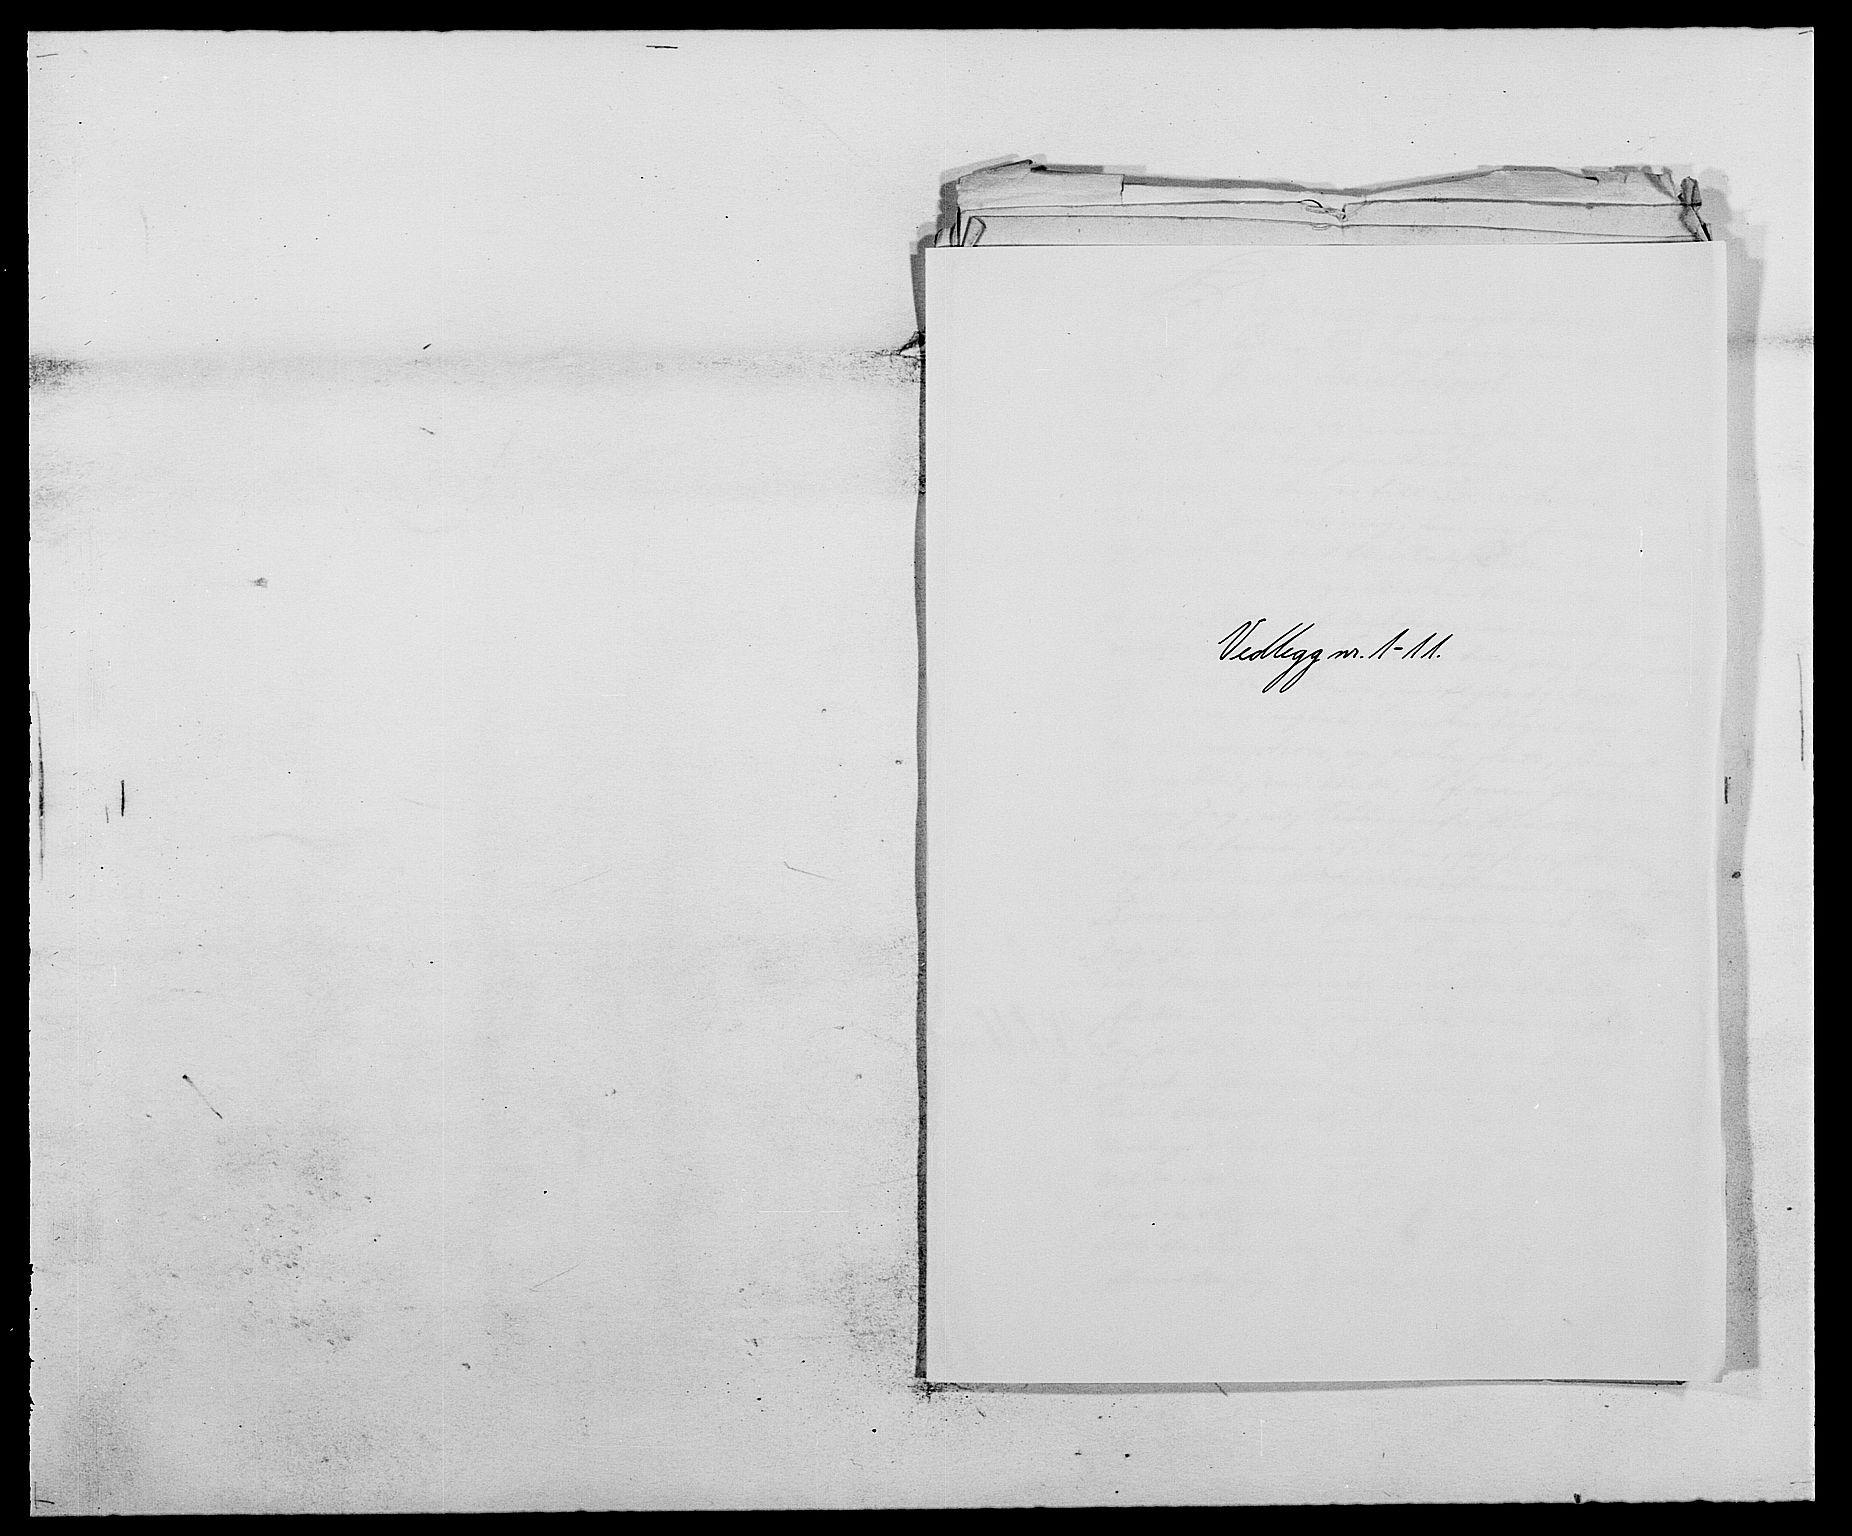 RA, Rentekammeret inntil 1814, Reviderte regnskaper, Fogderegnskap, R59/L3941: Fogderegnskap Gauldal, 1691, s. 282